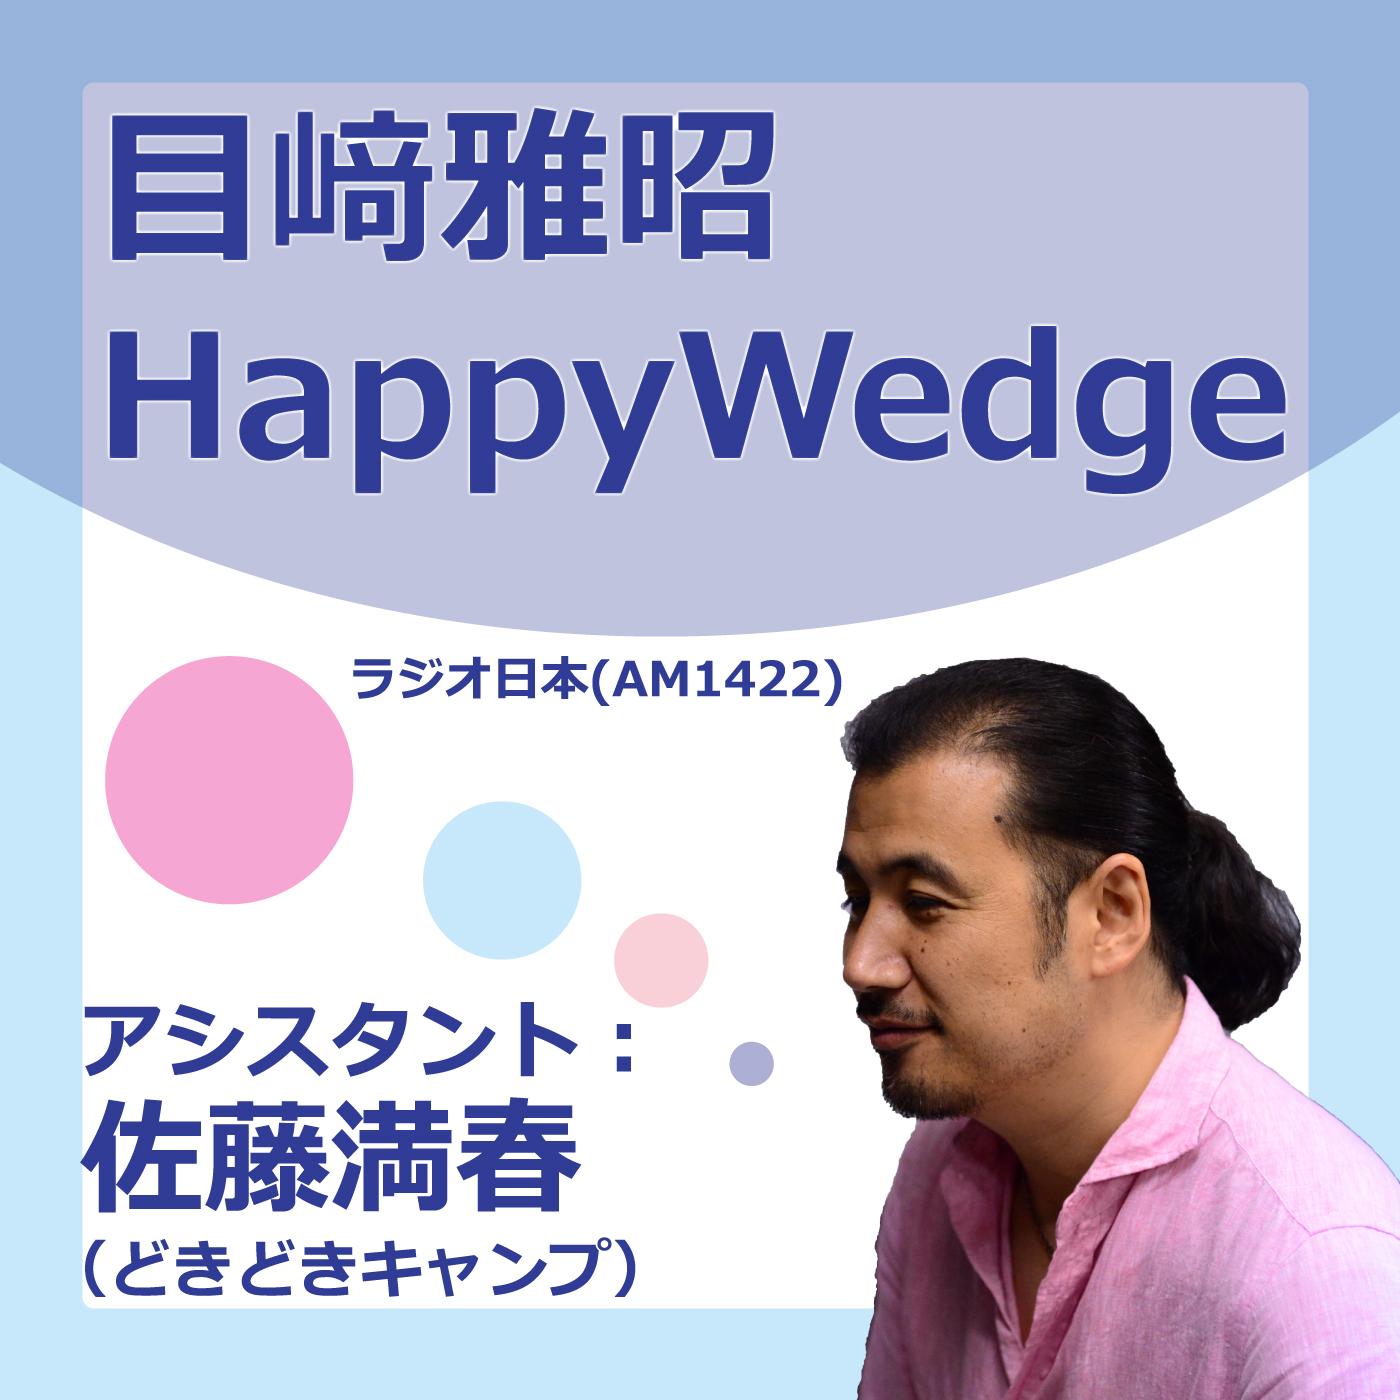 目﨑雅昭ハッピィウェッジ(アーカイブ)